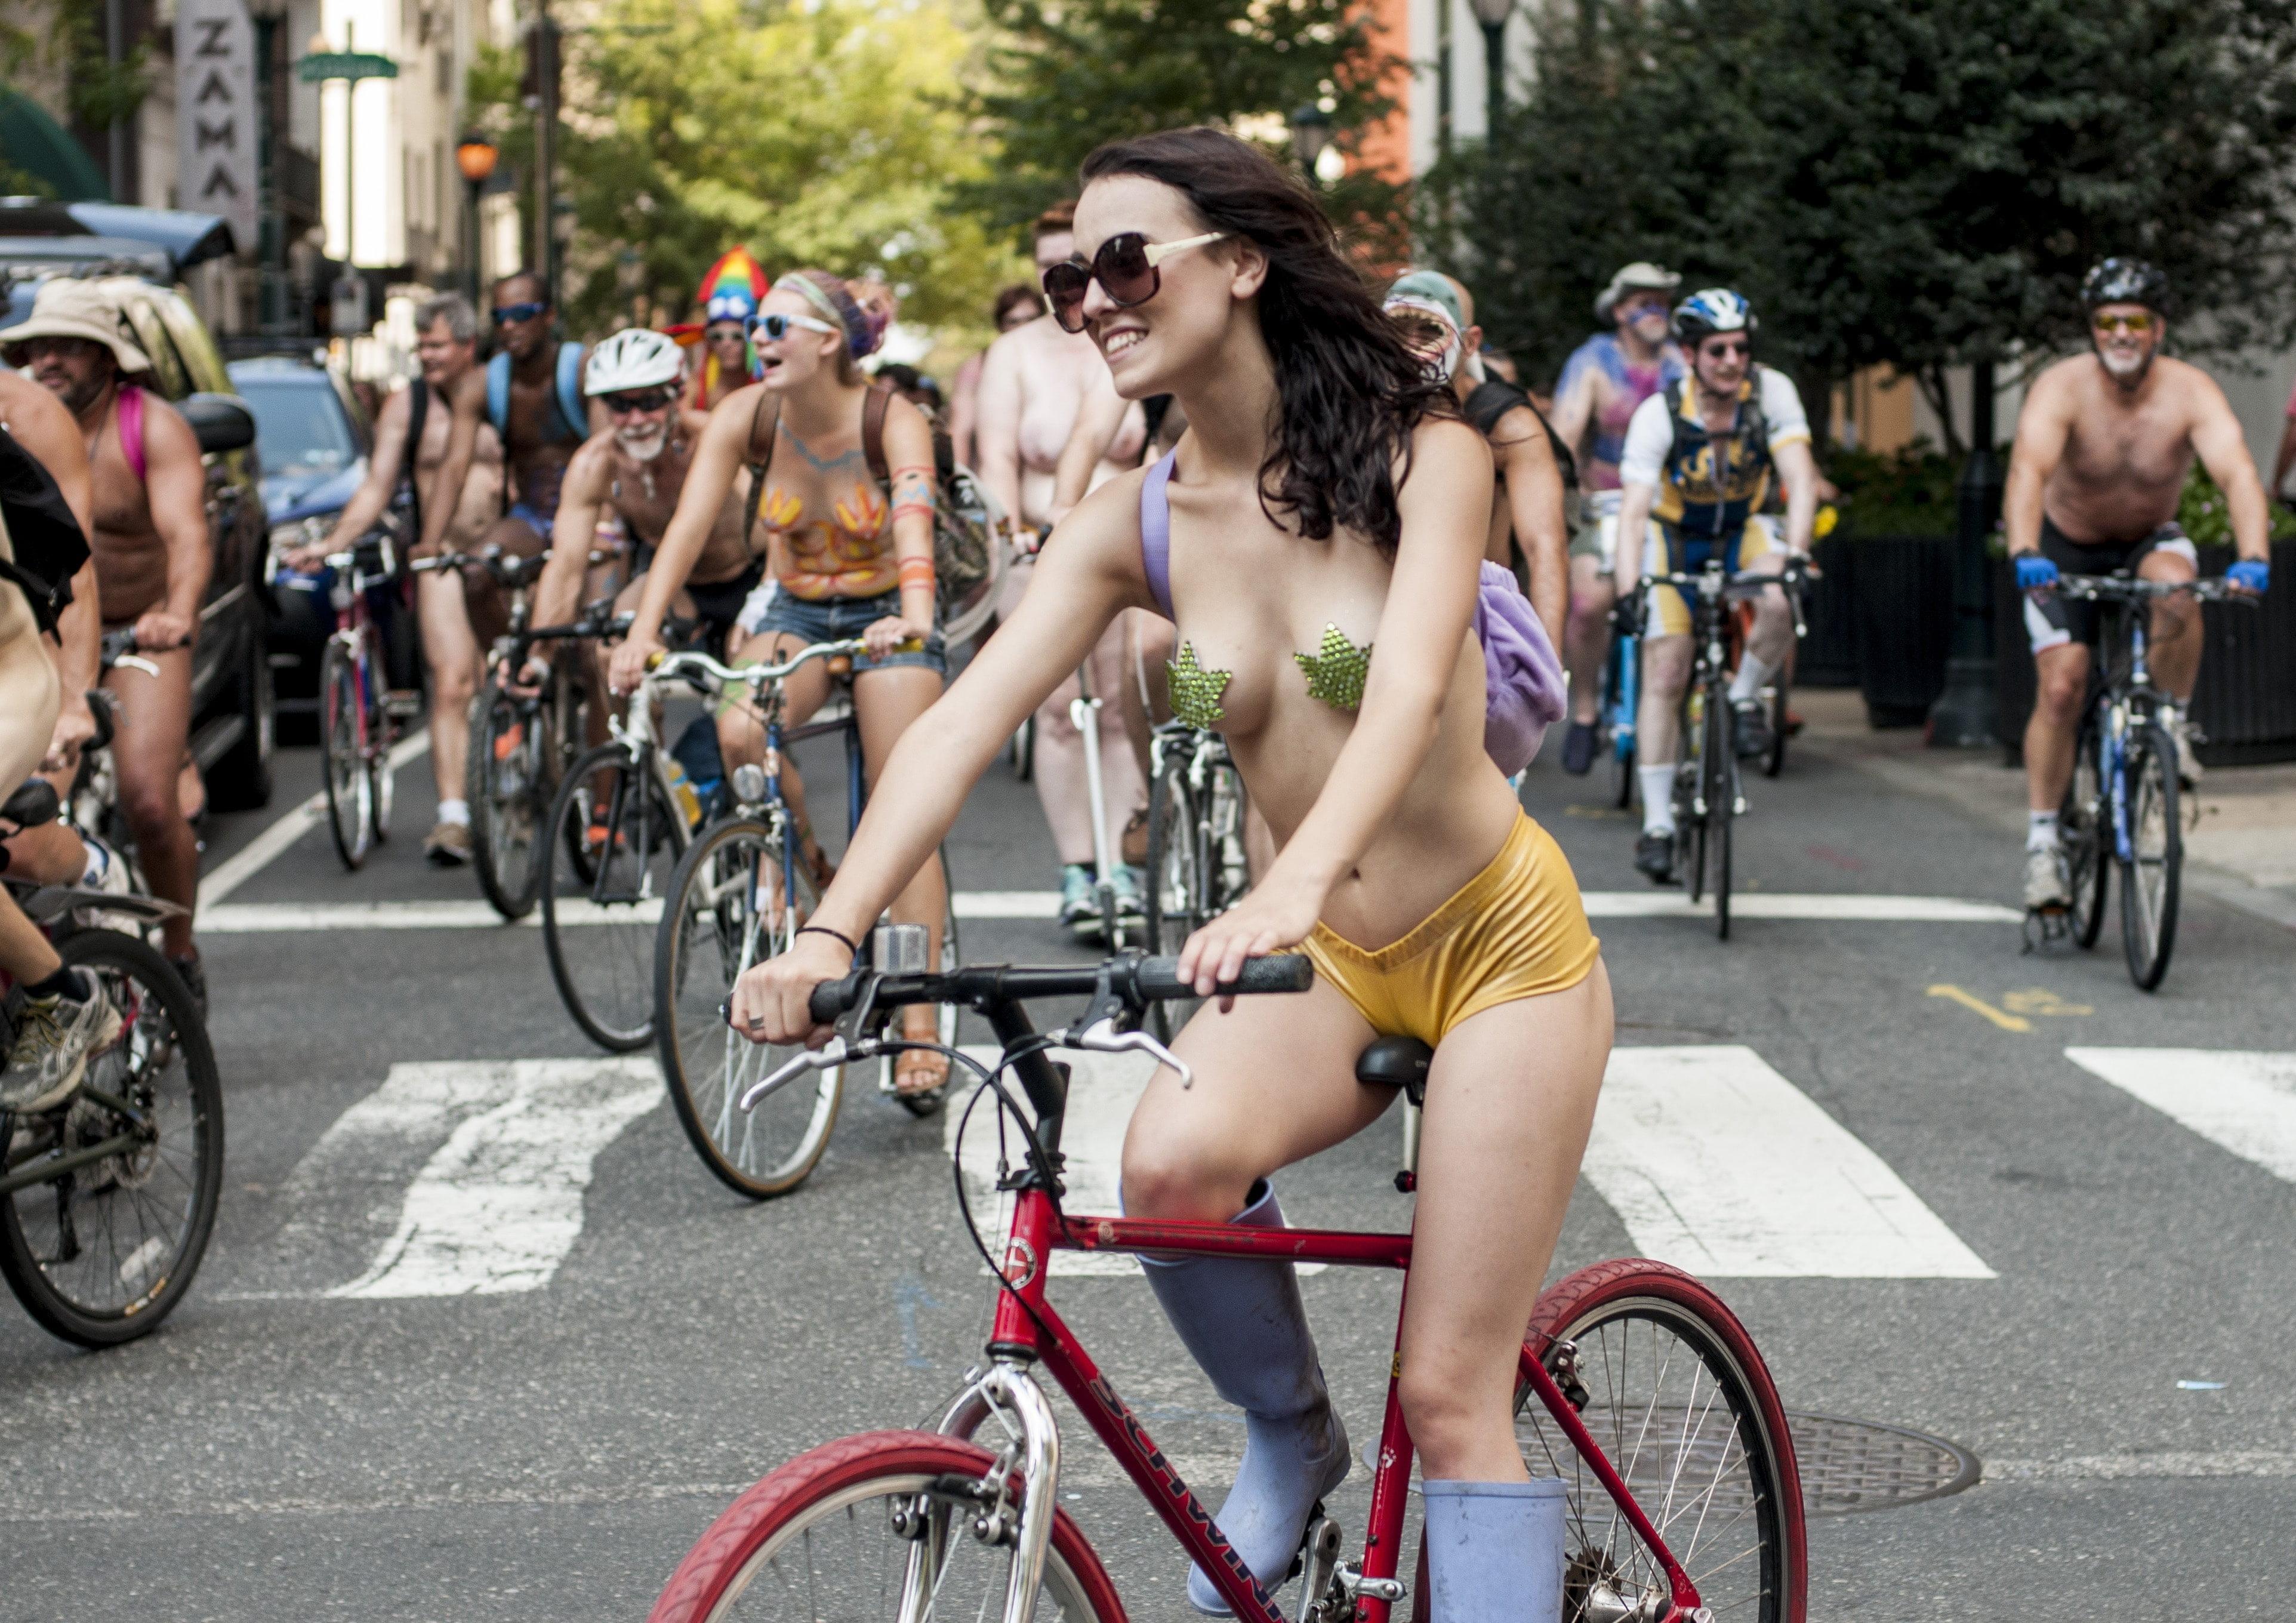 Uvm naked bike